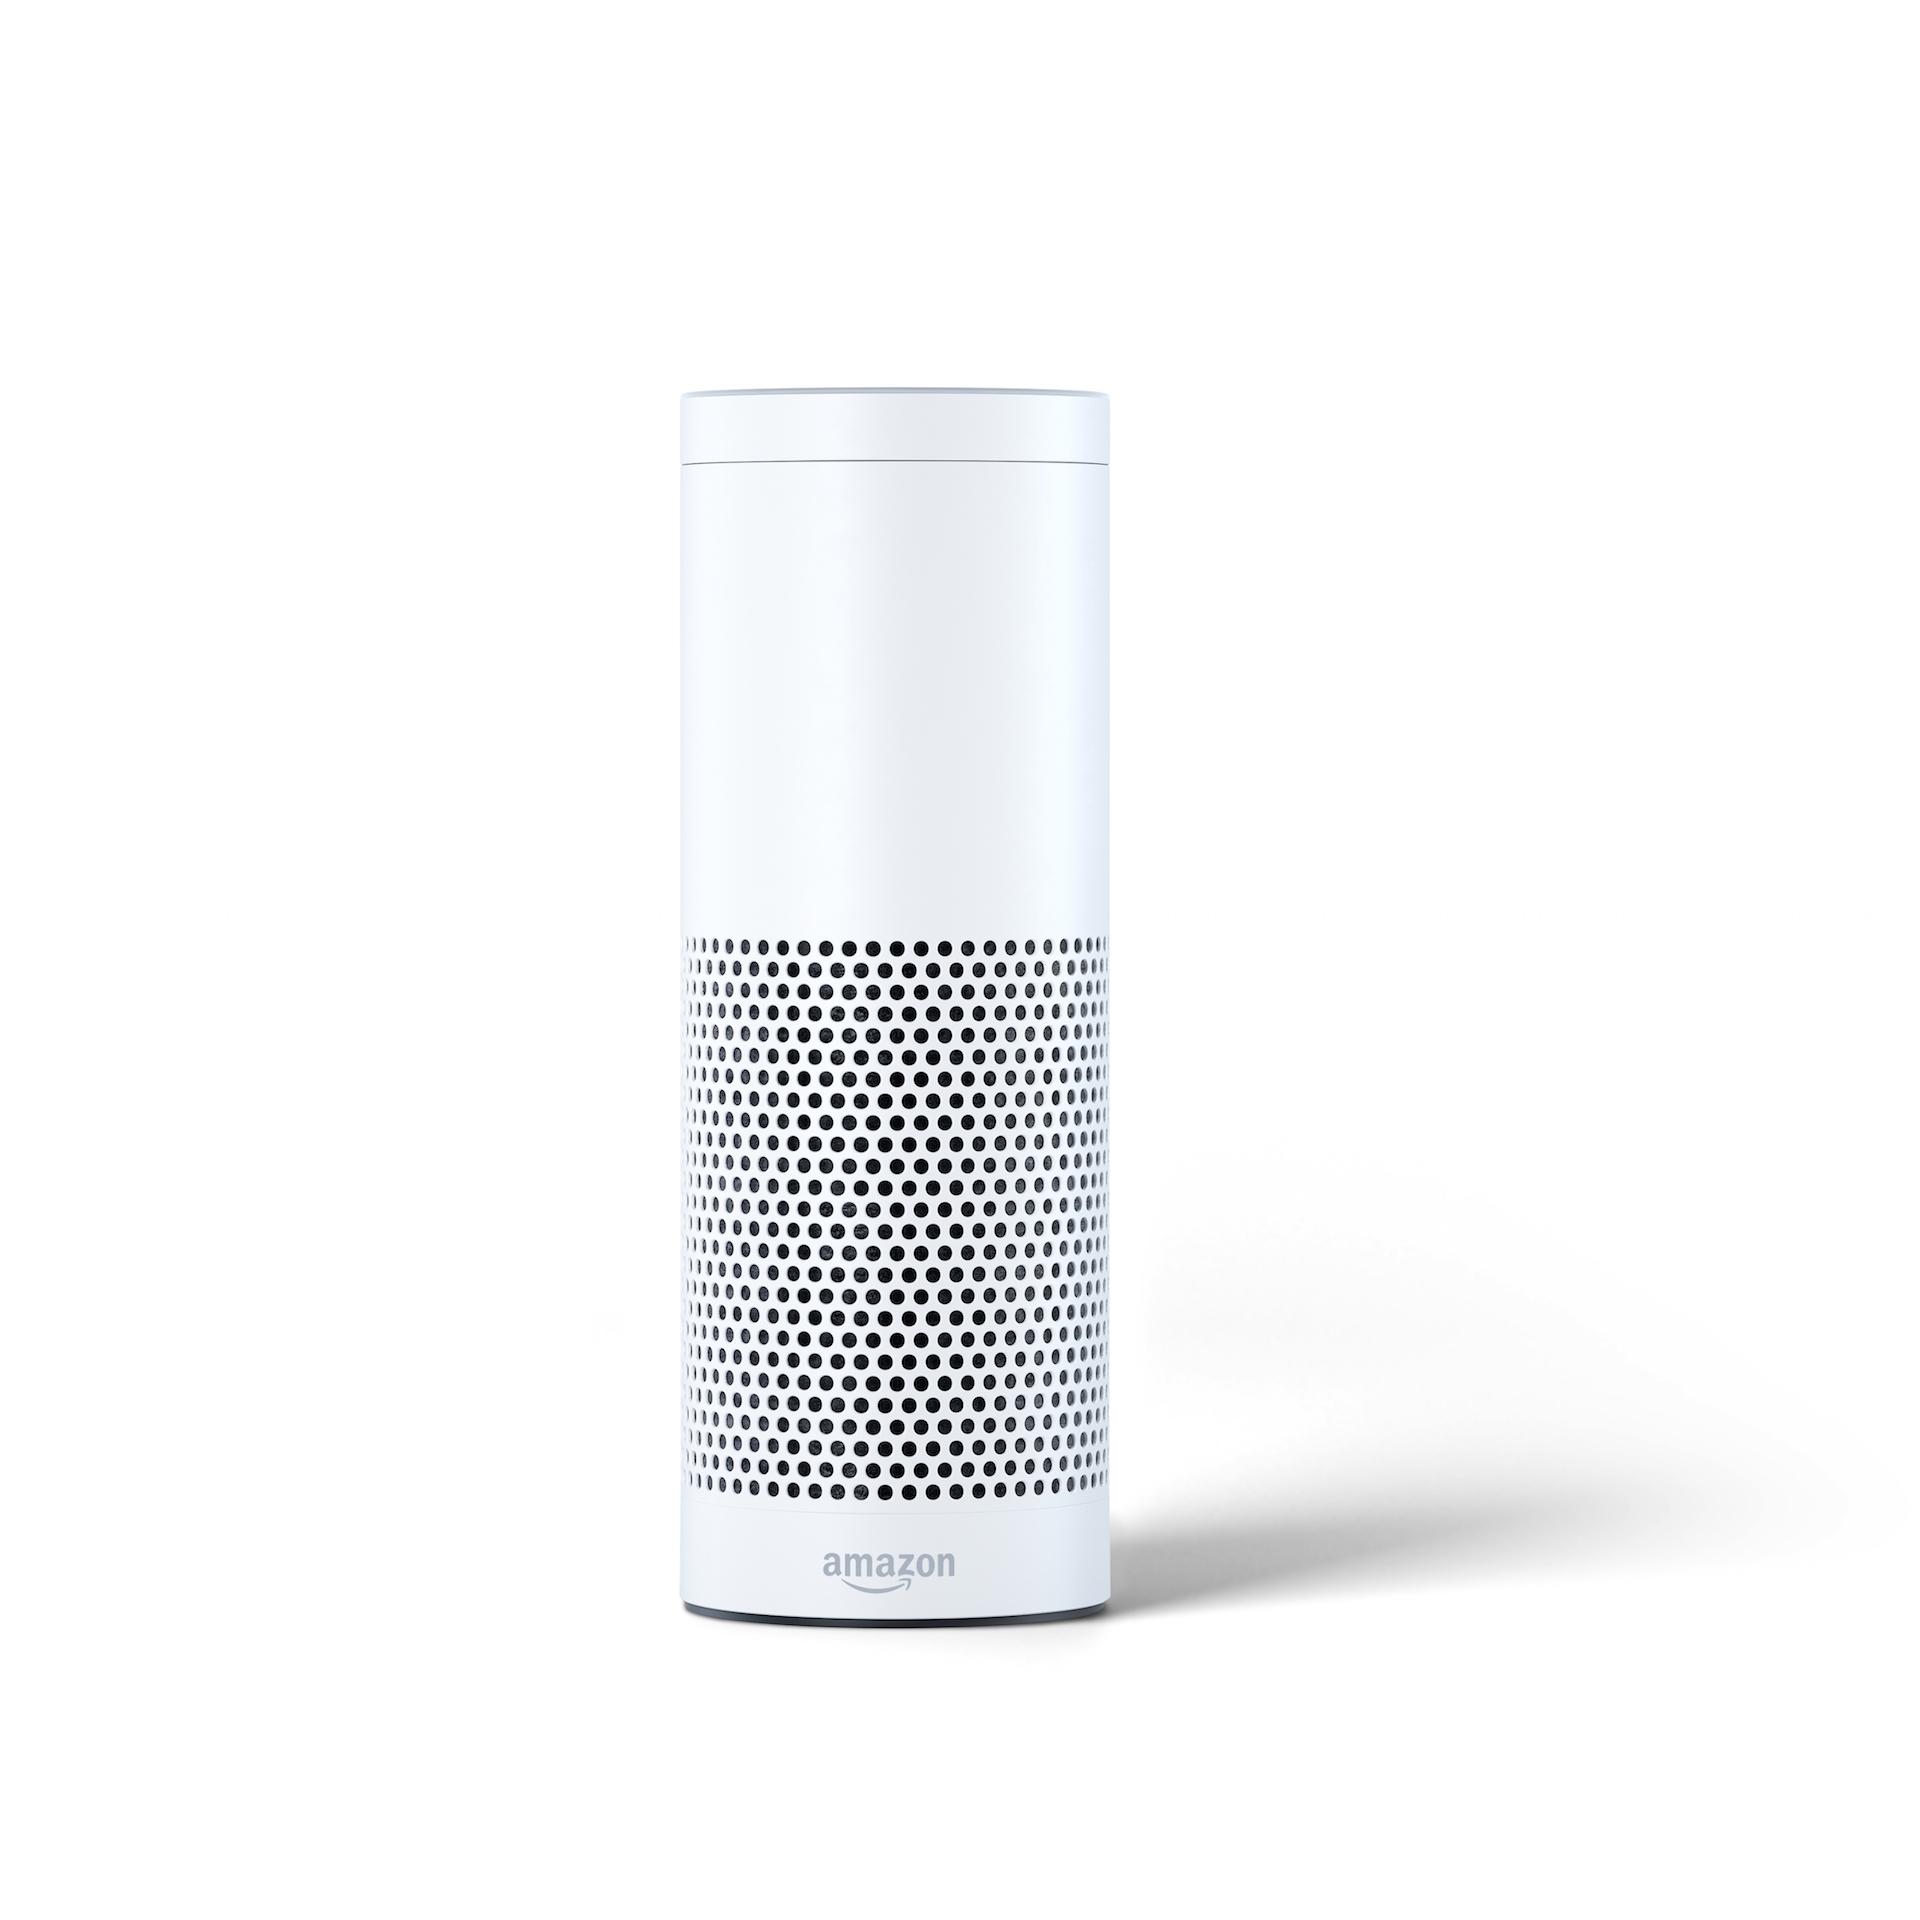 Amazon Echo -White